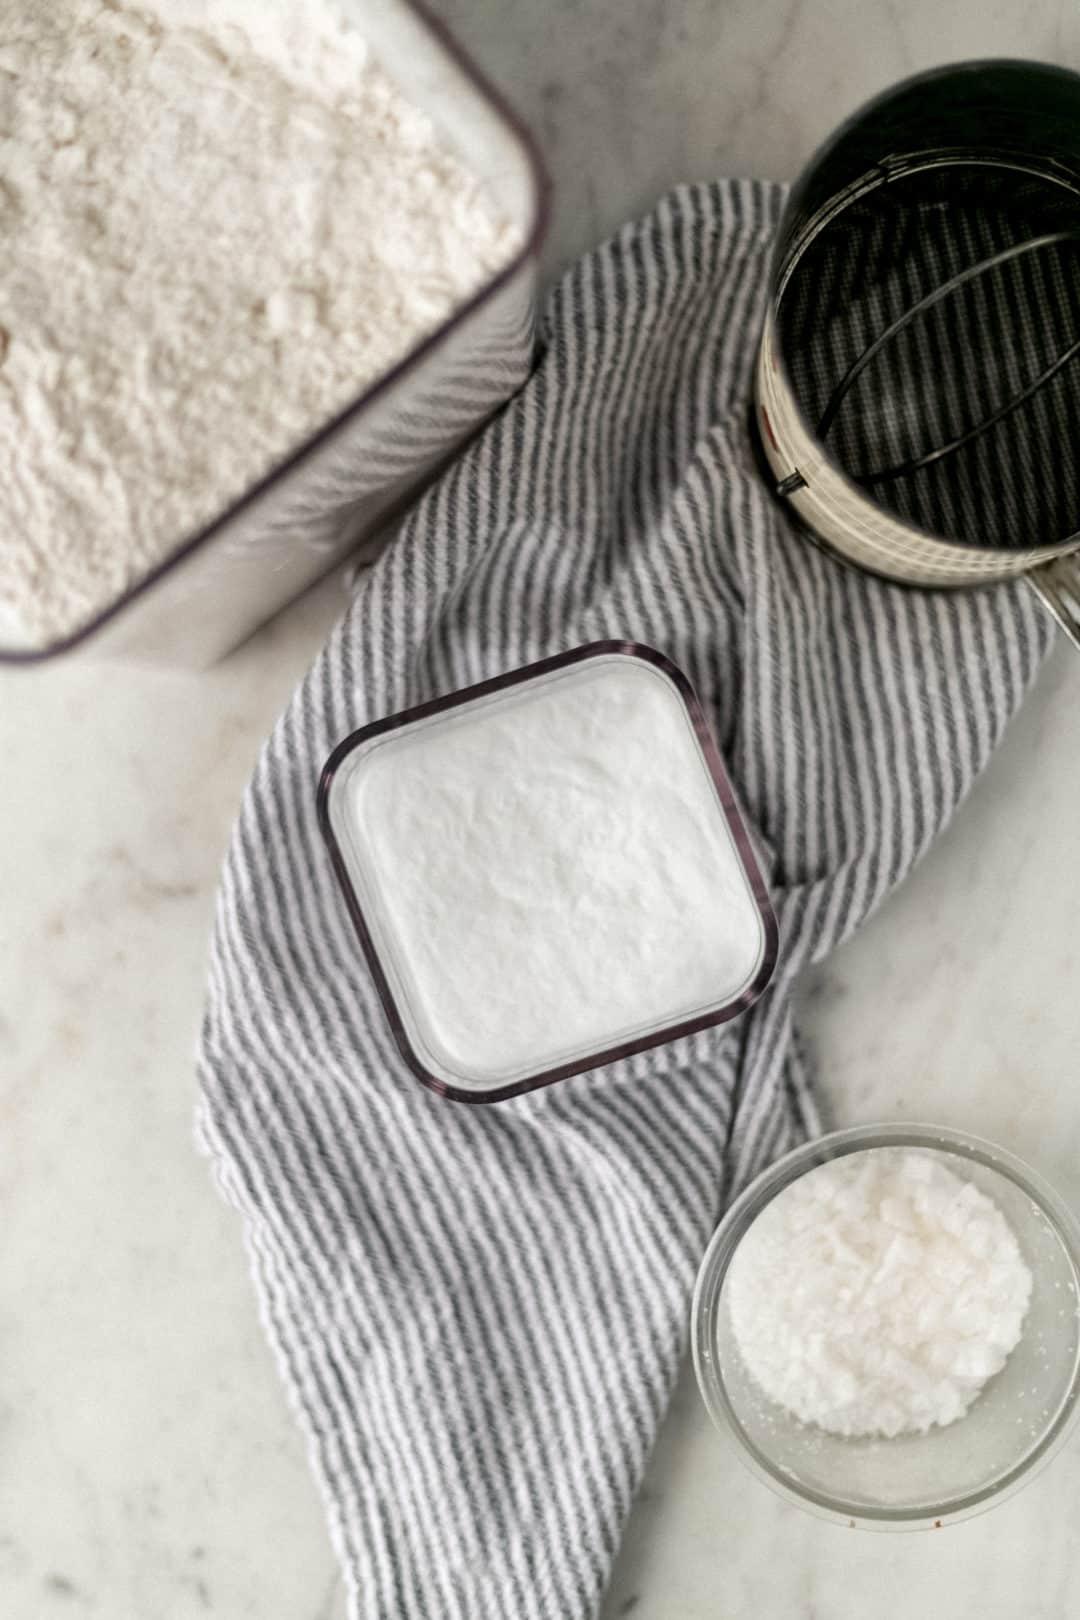 ingredients to make self-rising flour recipe